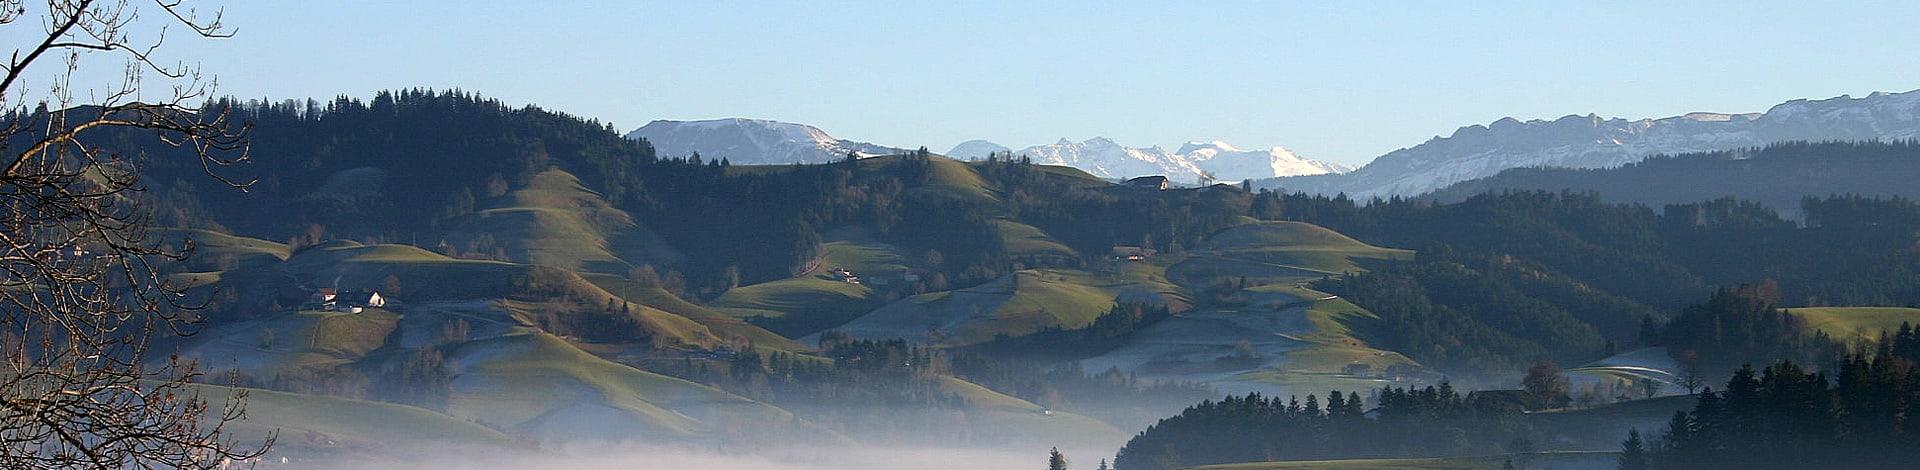 regione di Willisau-Entlebuch